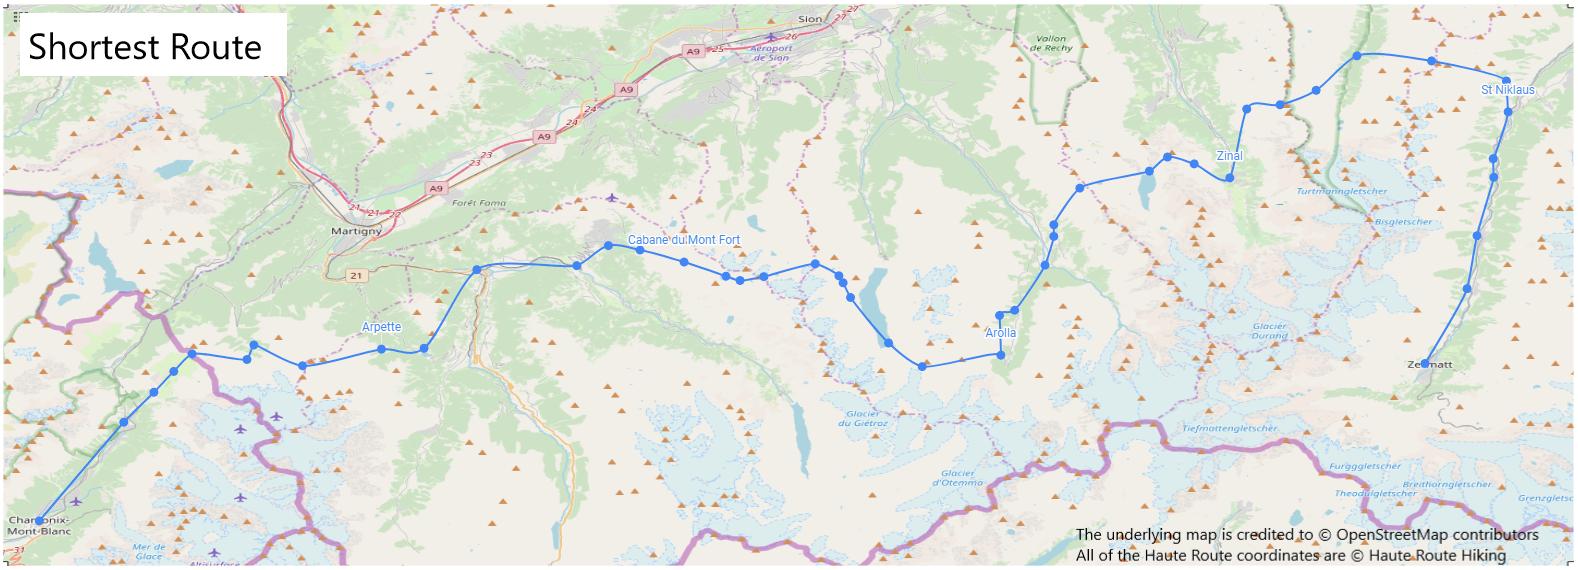 Walker's Haute Route Map_Shortest Route